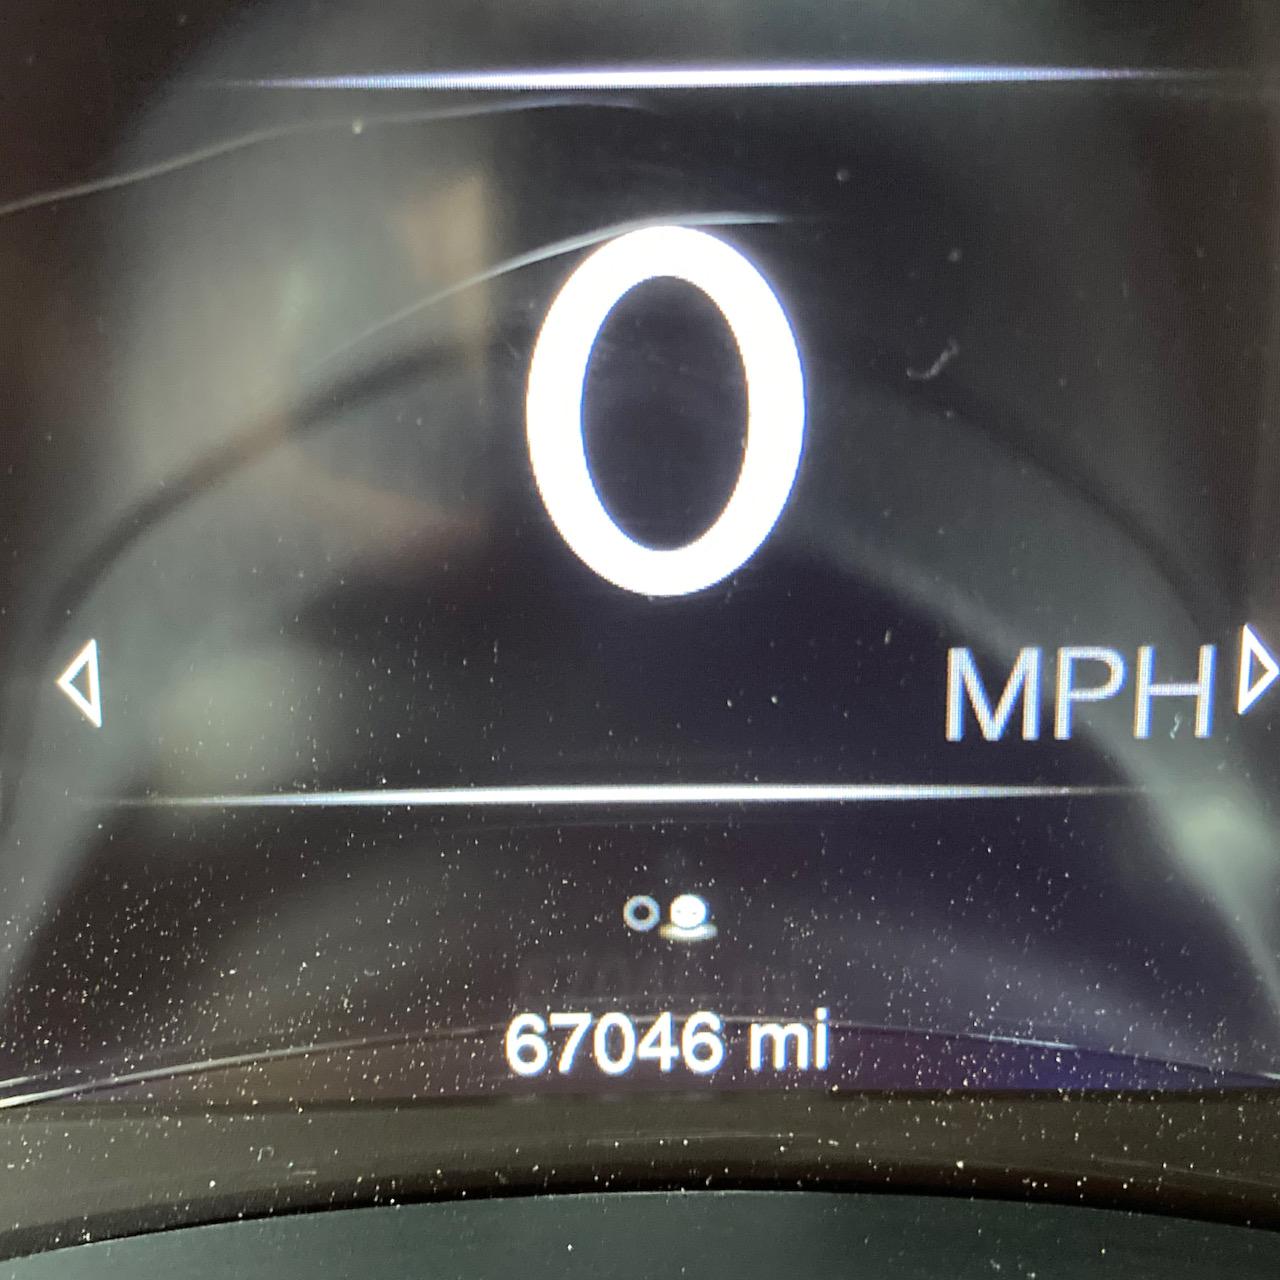 Car odometer reading 67046